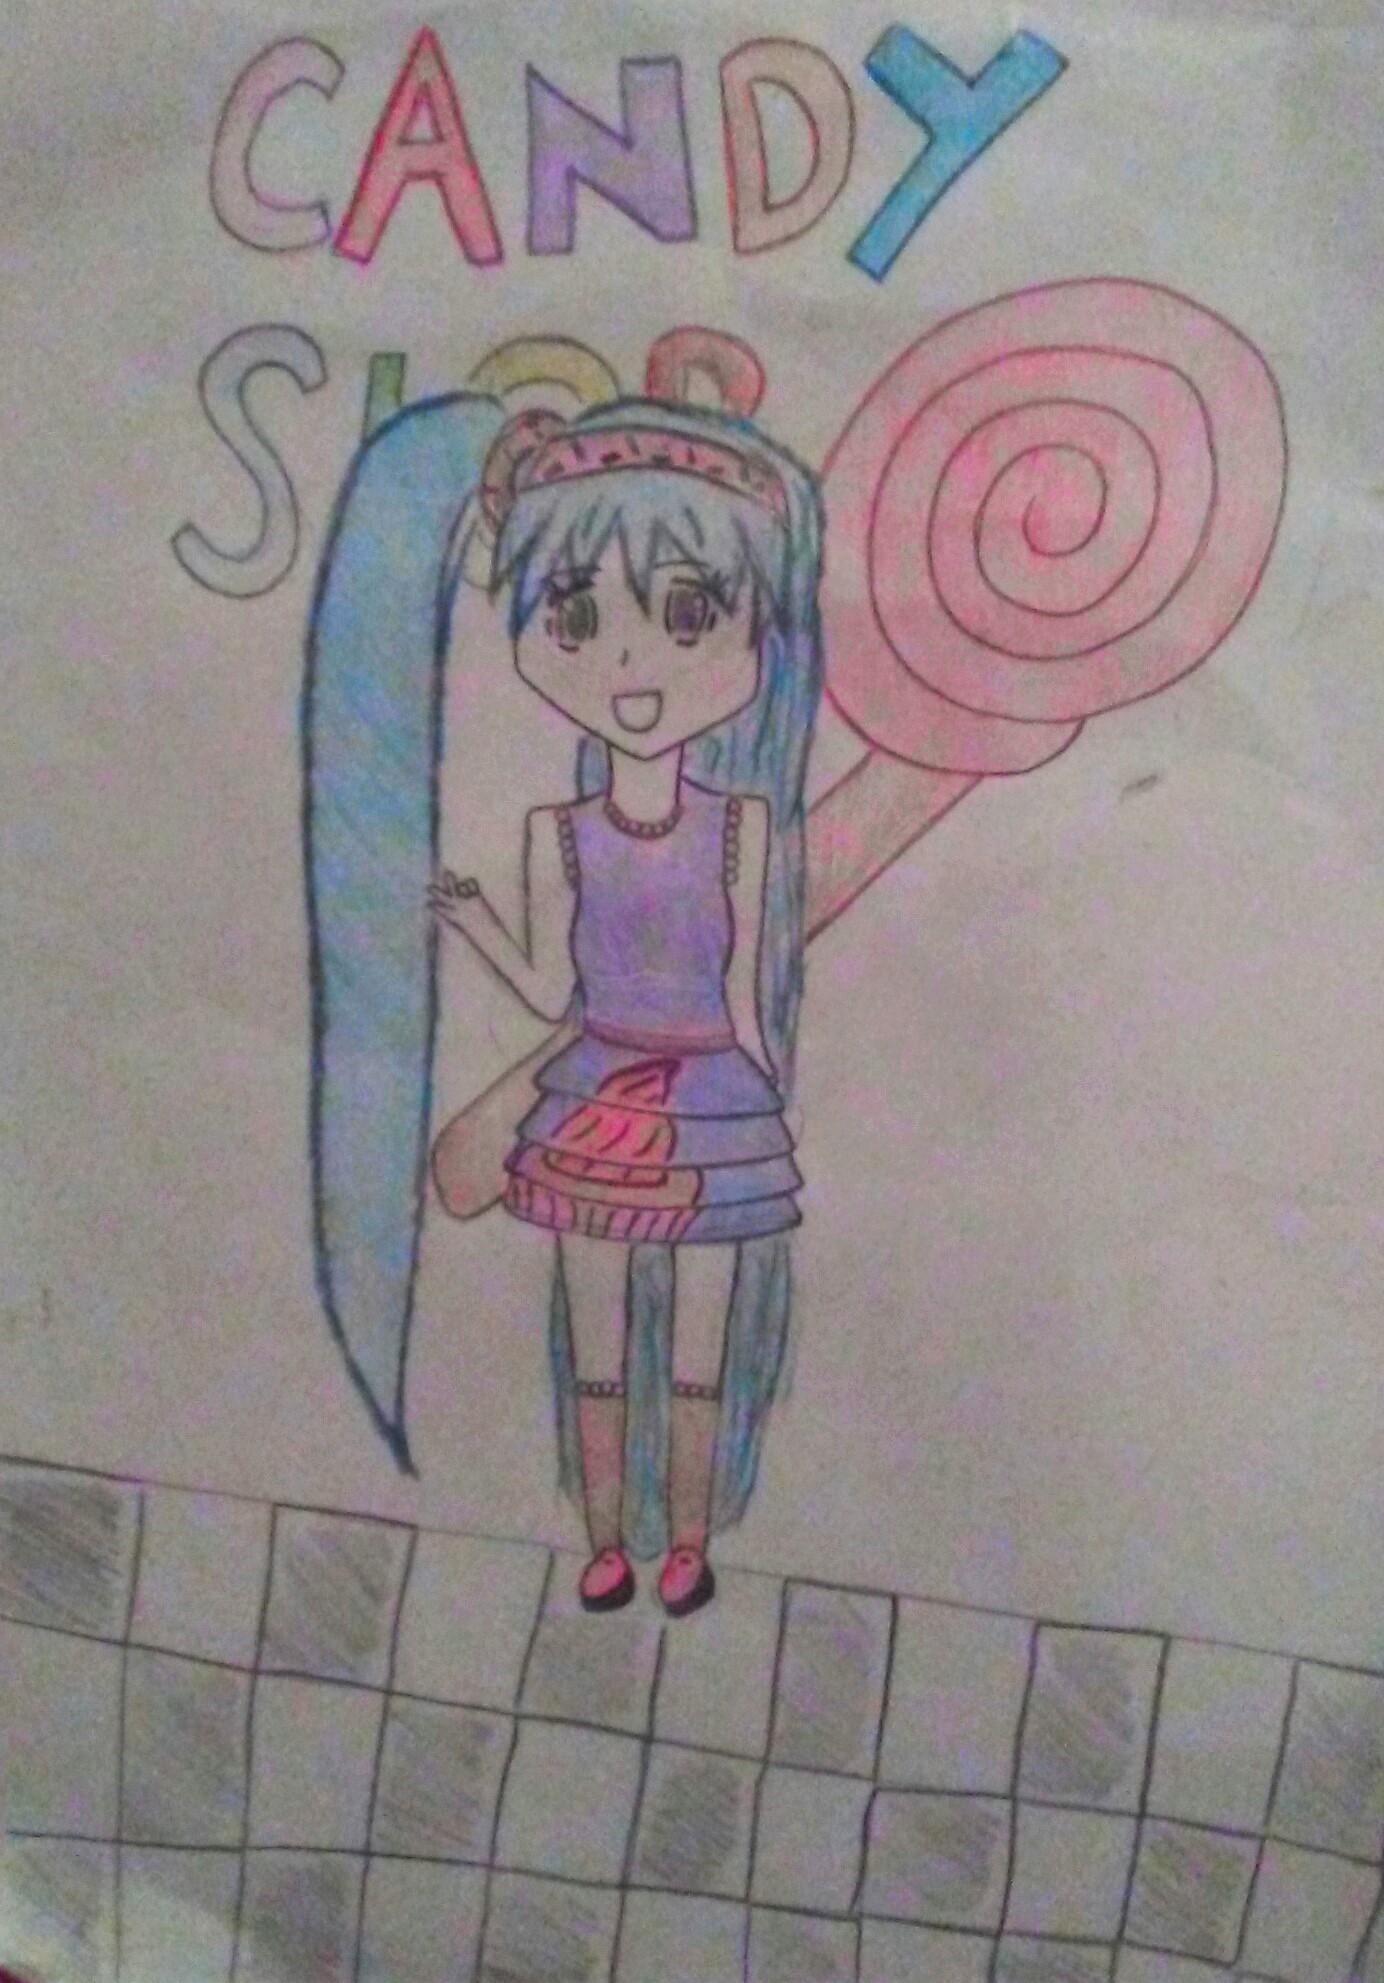 Candy Miku